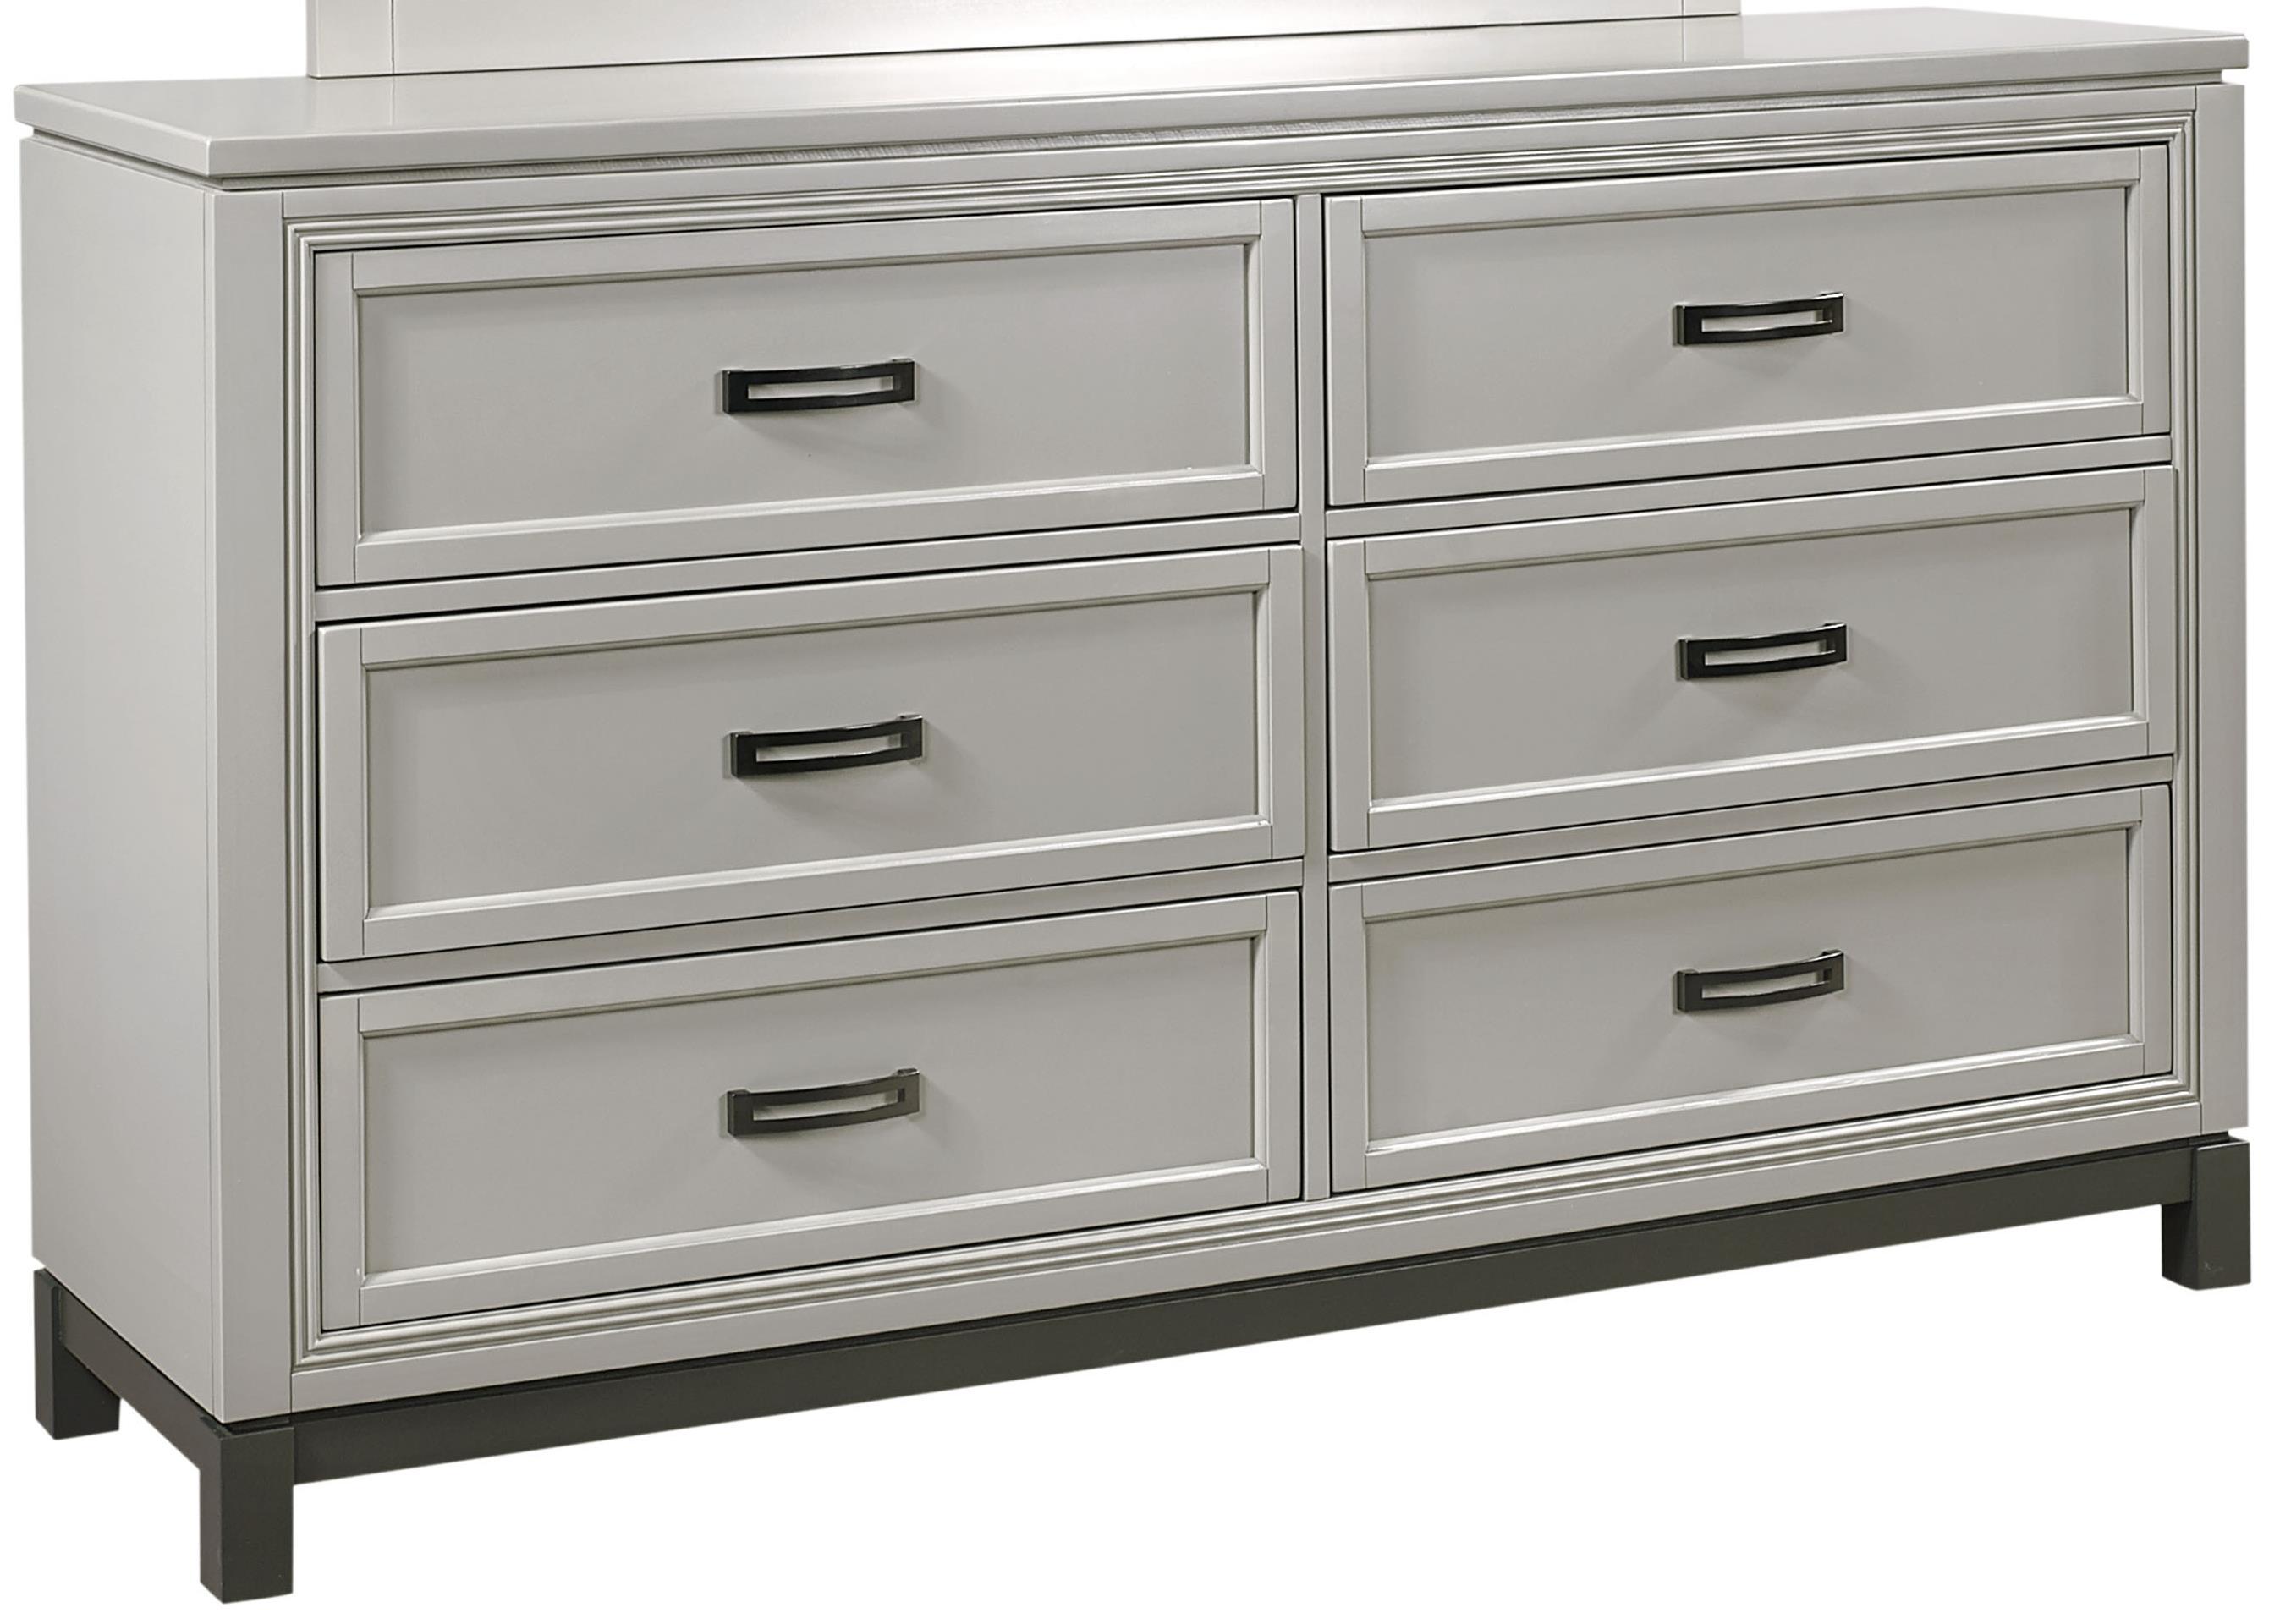 Aspenhome Hyde Park Dresser  - Item Number: I32-453